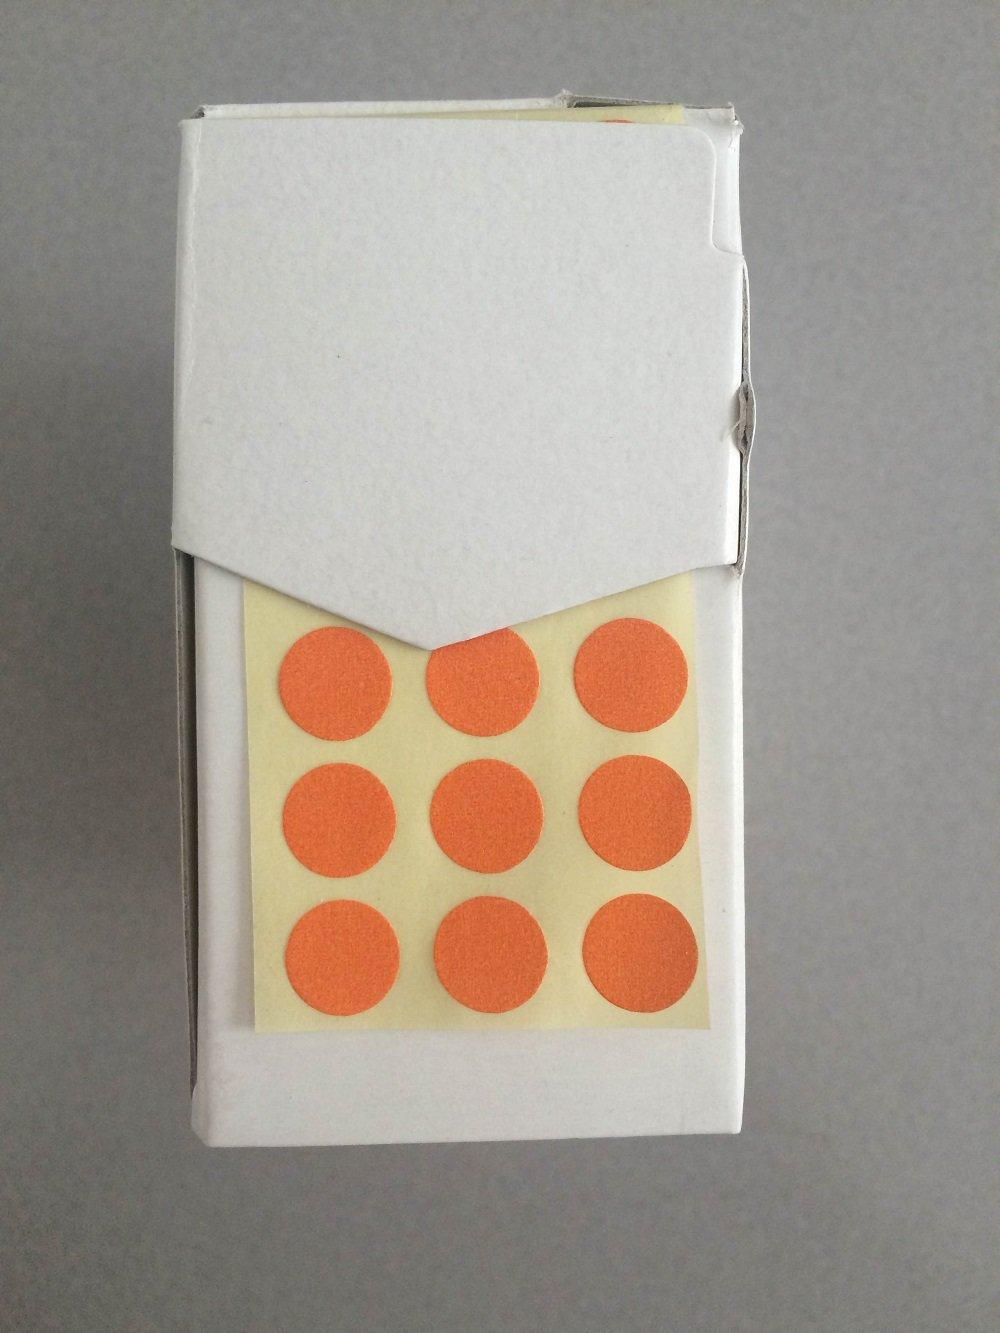 Bollini segnafalli in carta adesiva mm. 10 colore verde CHEMITAL